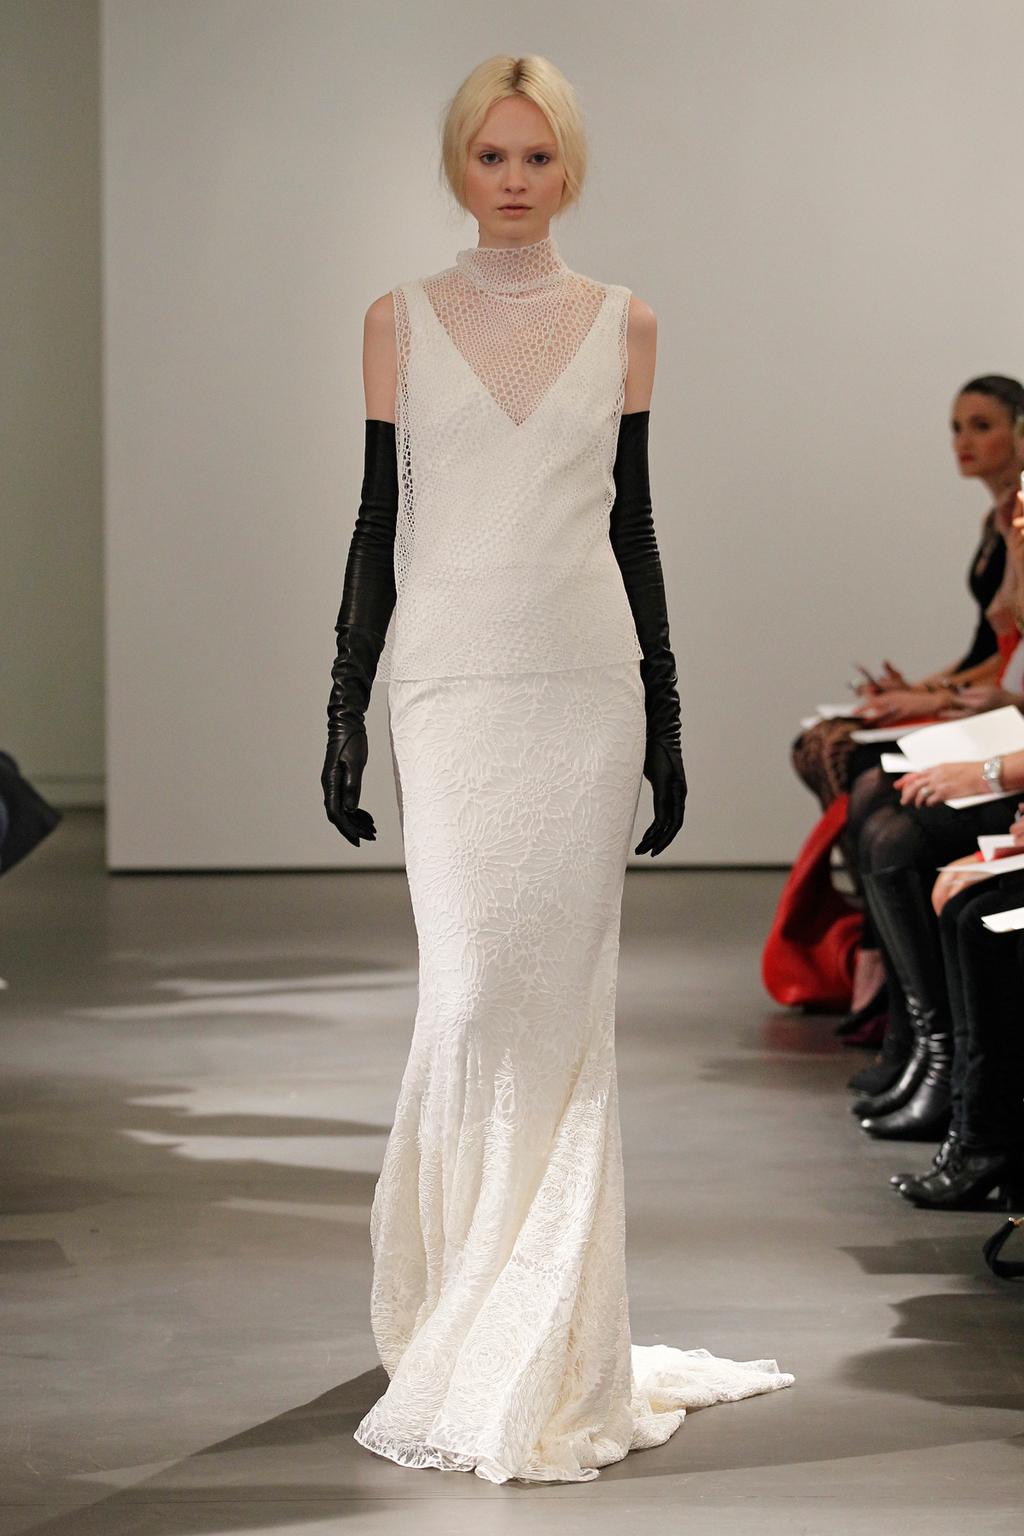 Vw-bride_ss14_runway_look-3.full